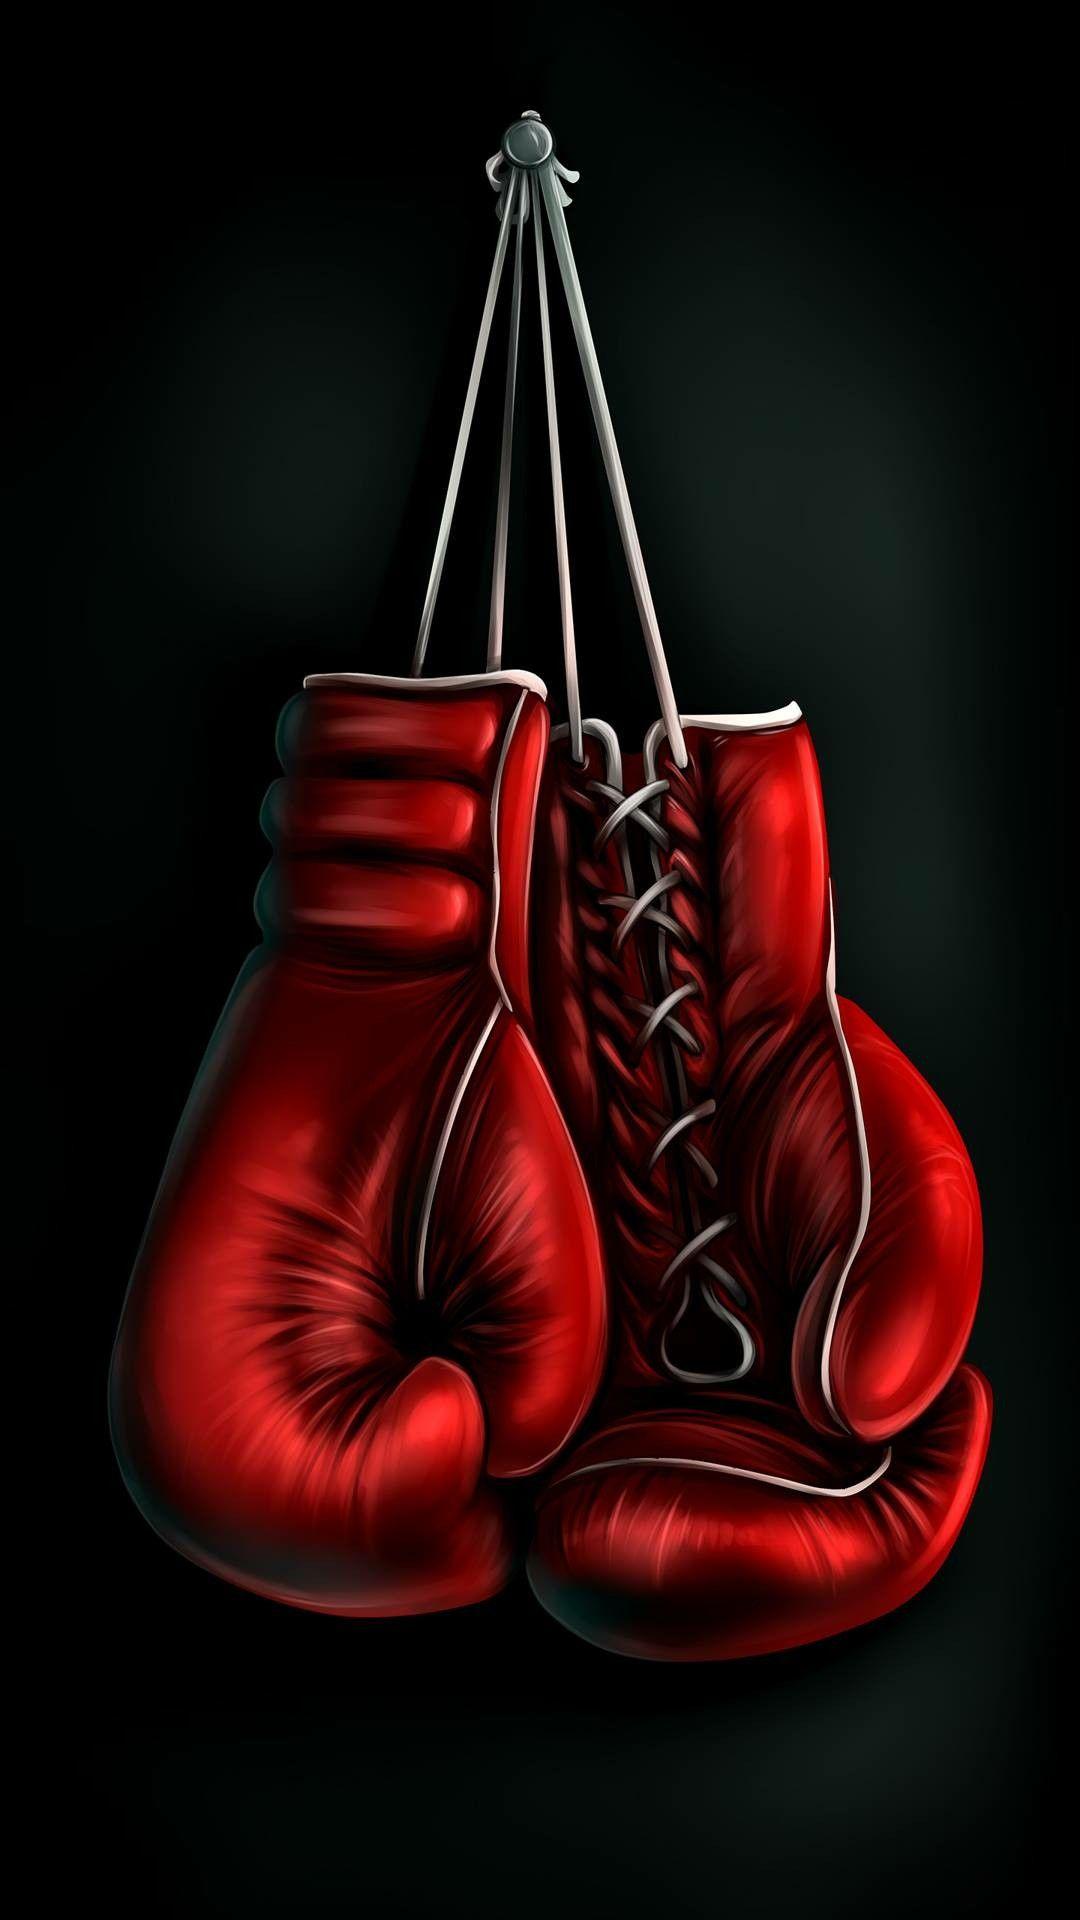 что красивые картинки на тему бокса мебель под старину